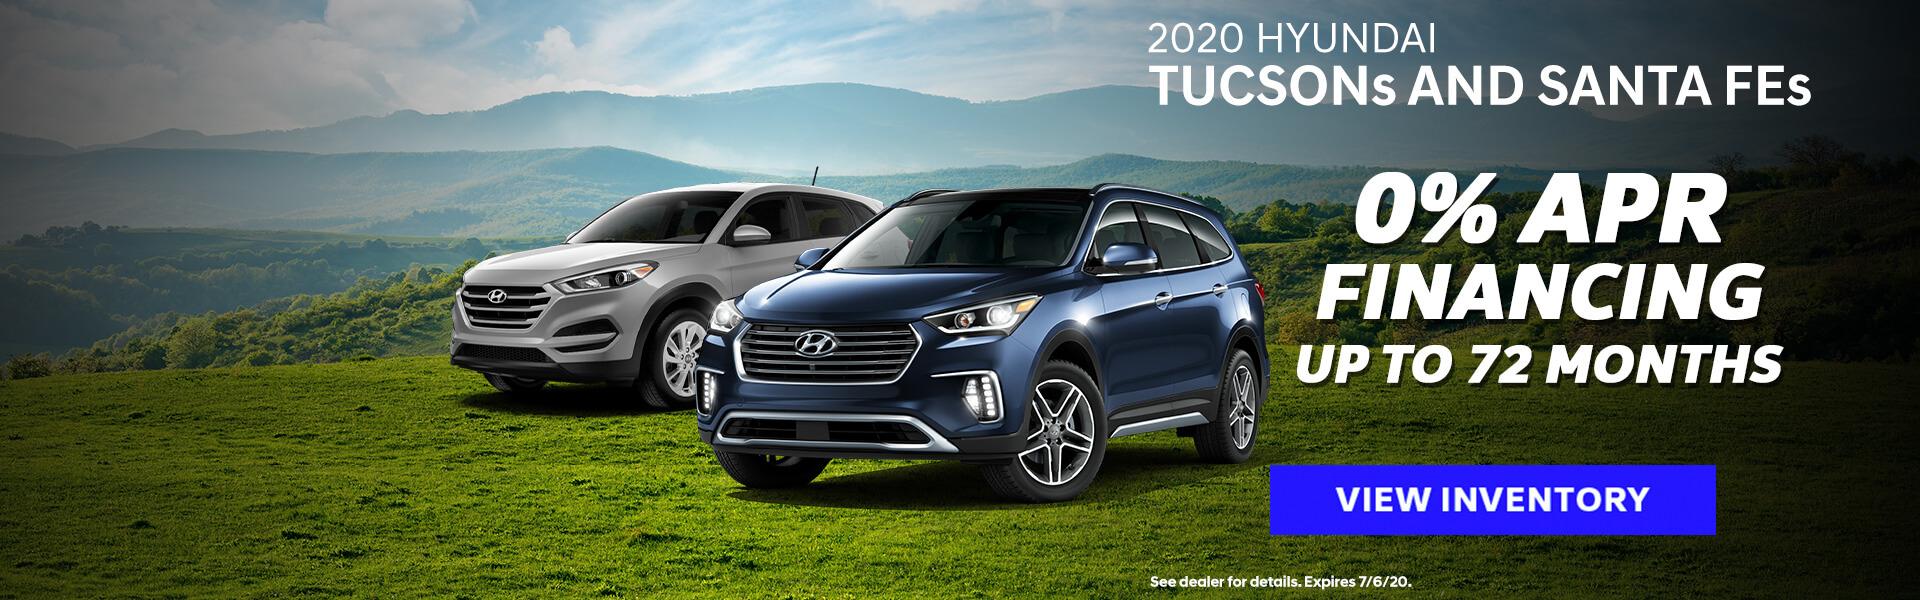 Hyundai - Santa Fe & Tucson